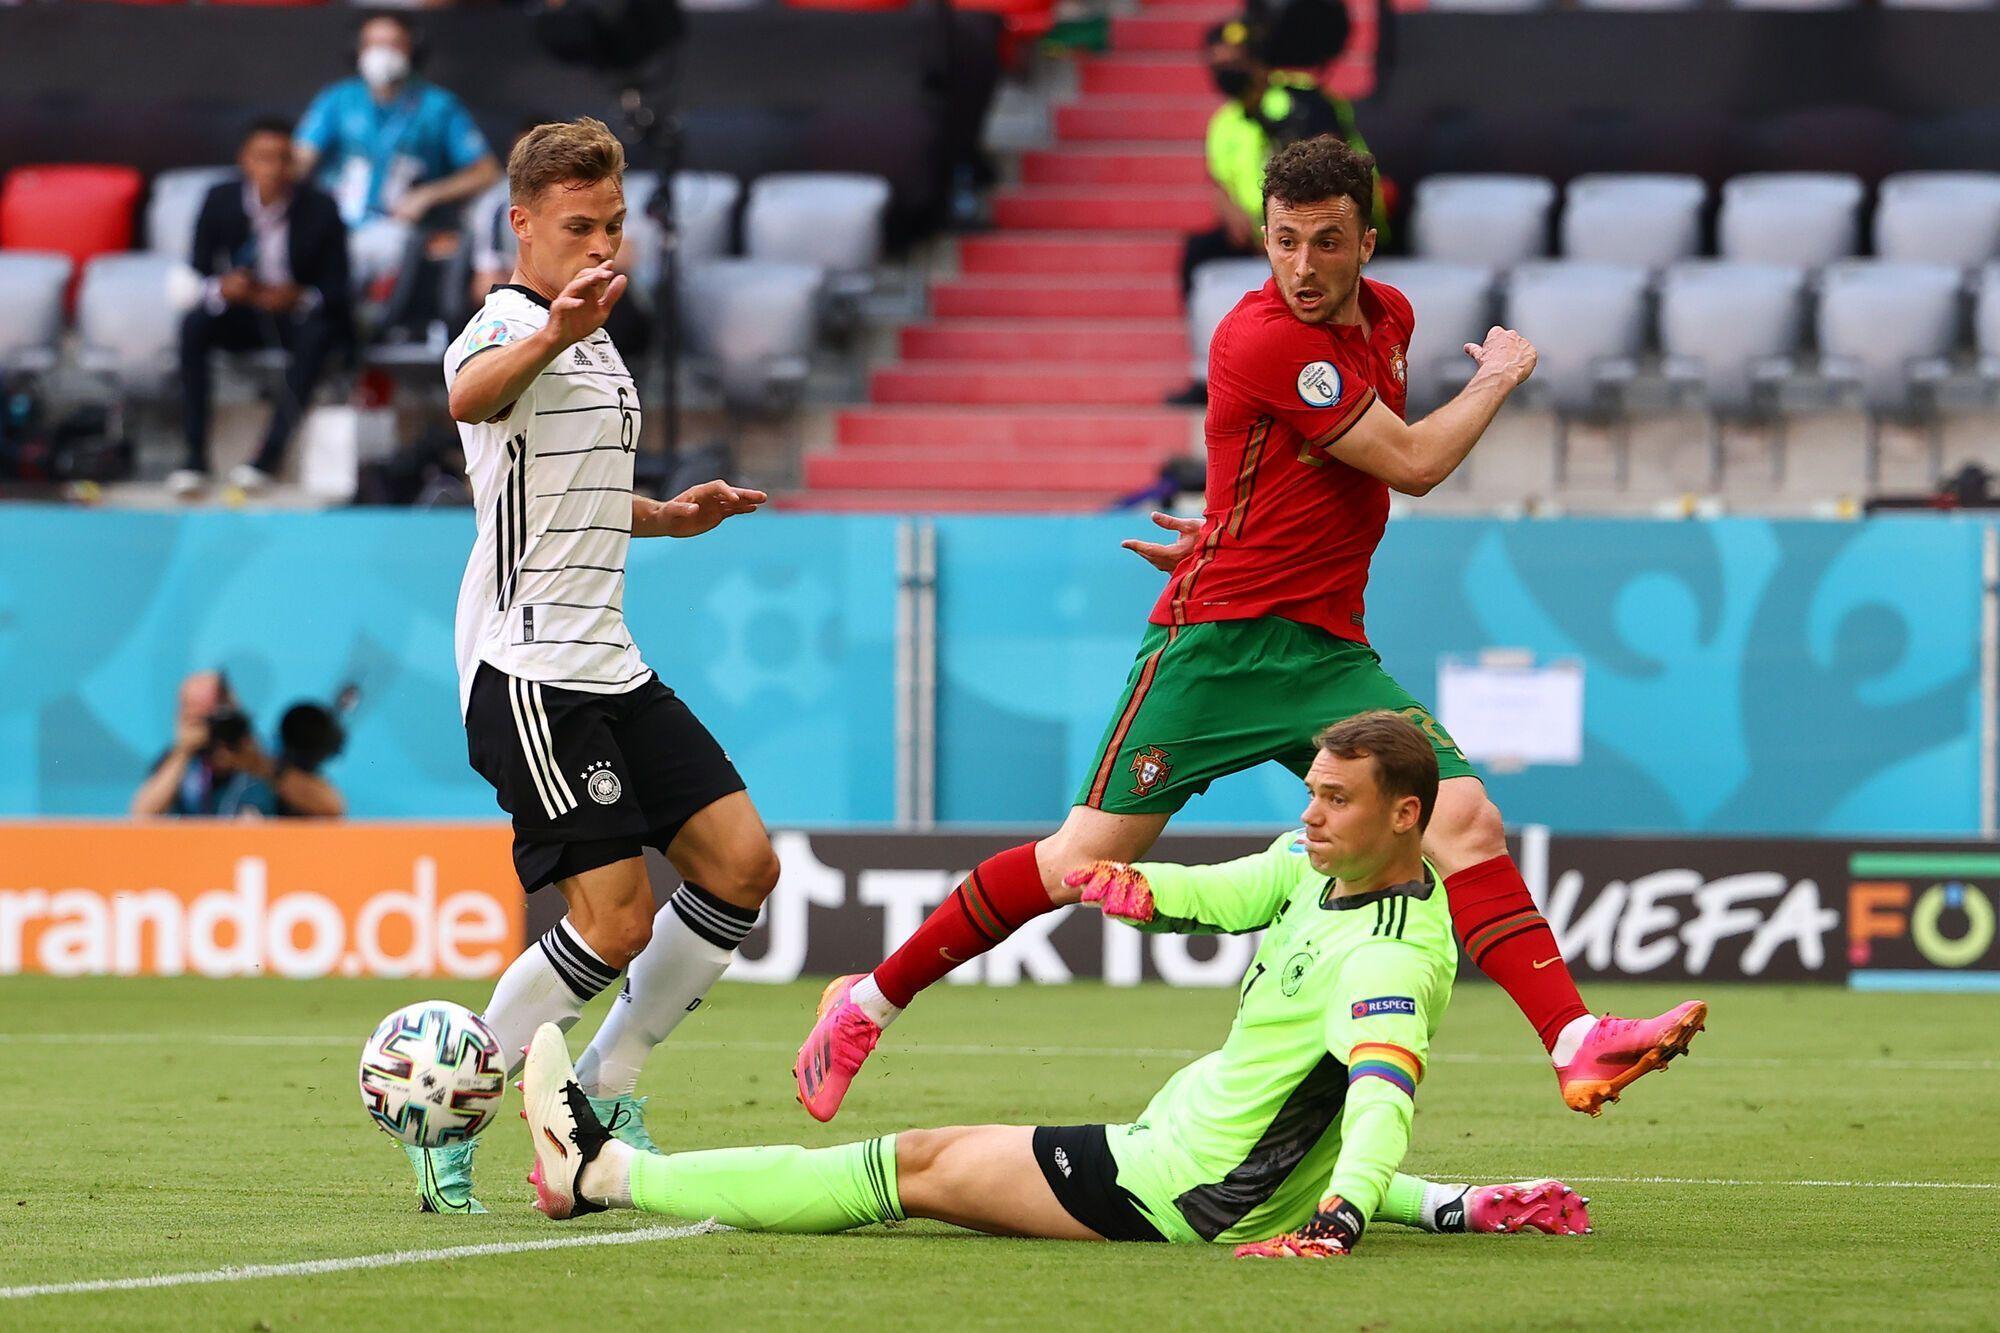 Португалия в прошлом туре была разгромлена Германией